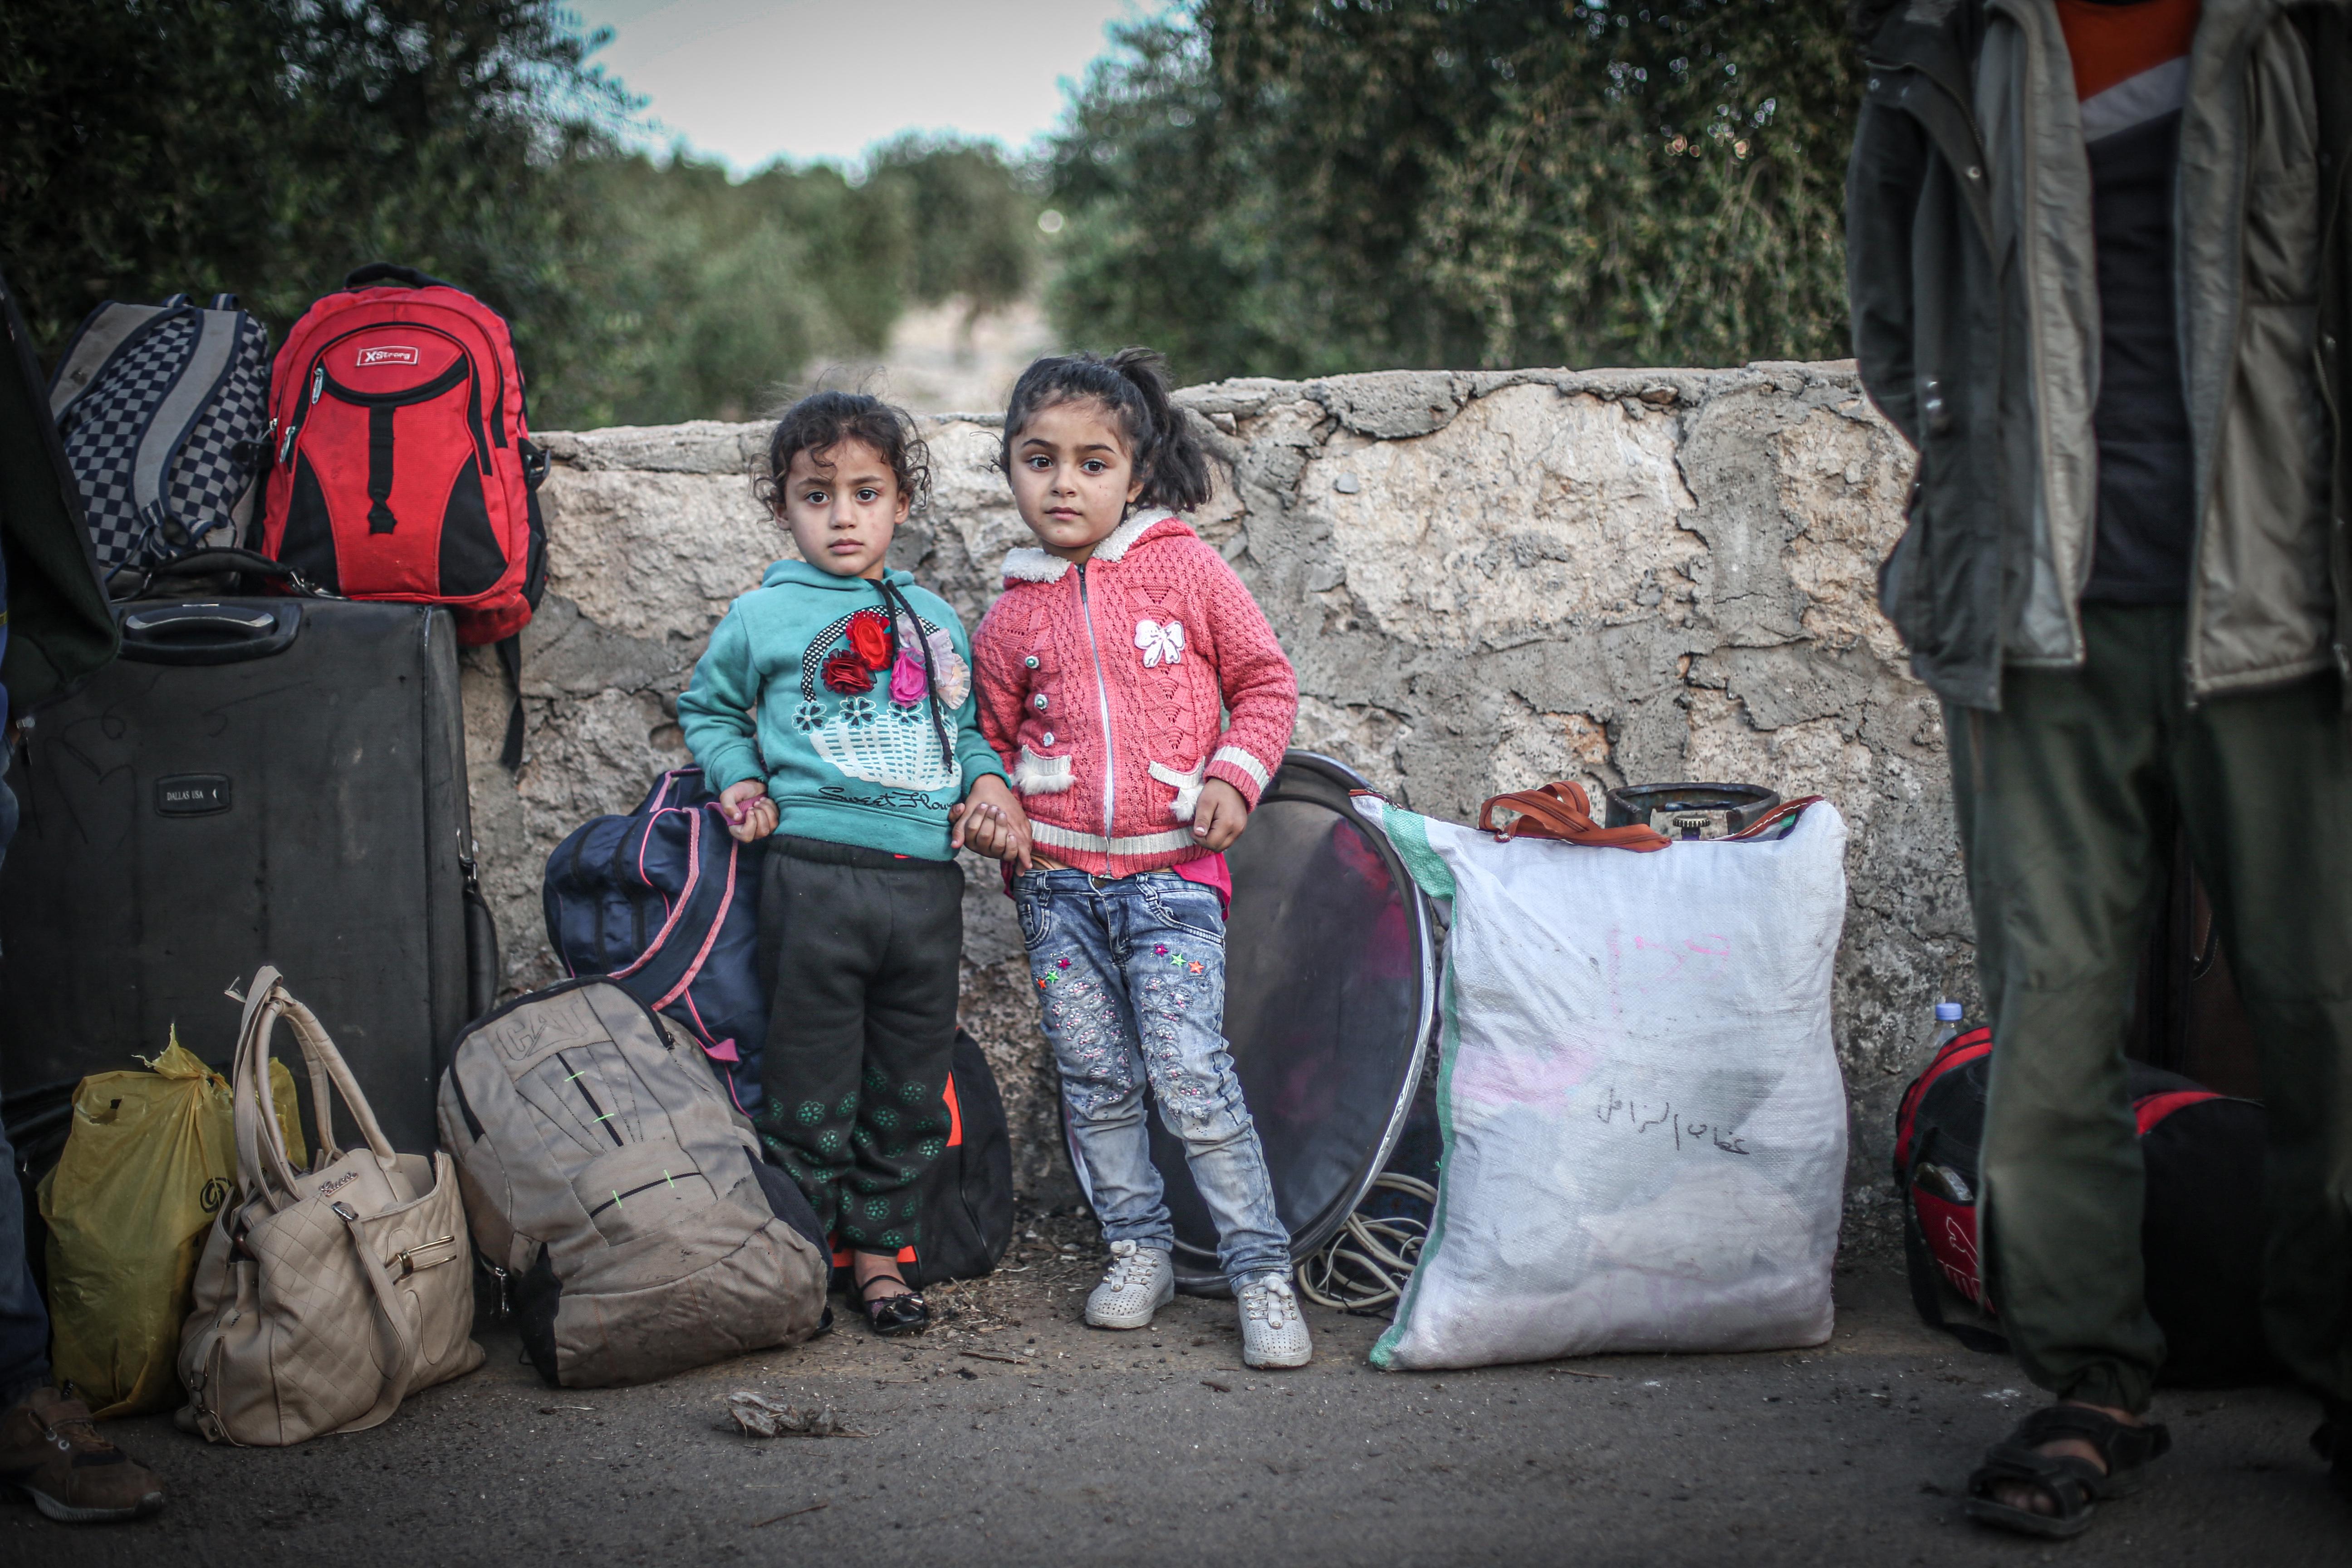 ENSZ: 2020-ban drasztikusan nőtt az elrabolt és megerőszakolt gyerekek száma a konfliktusövezetekben